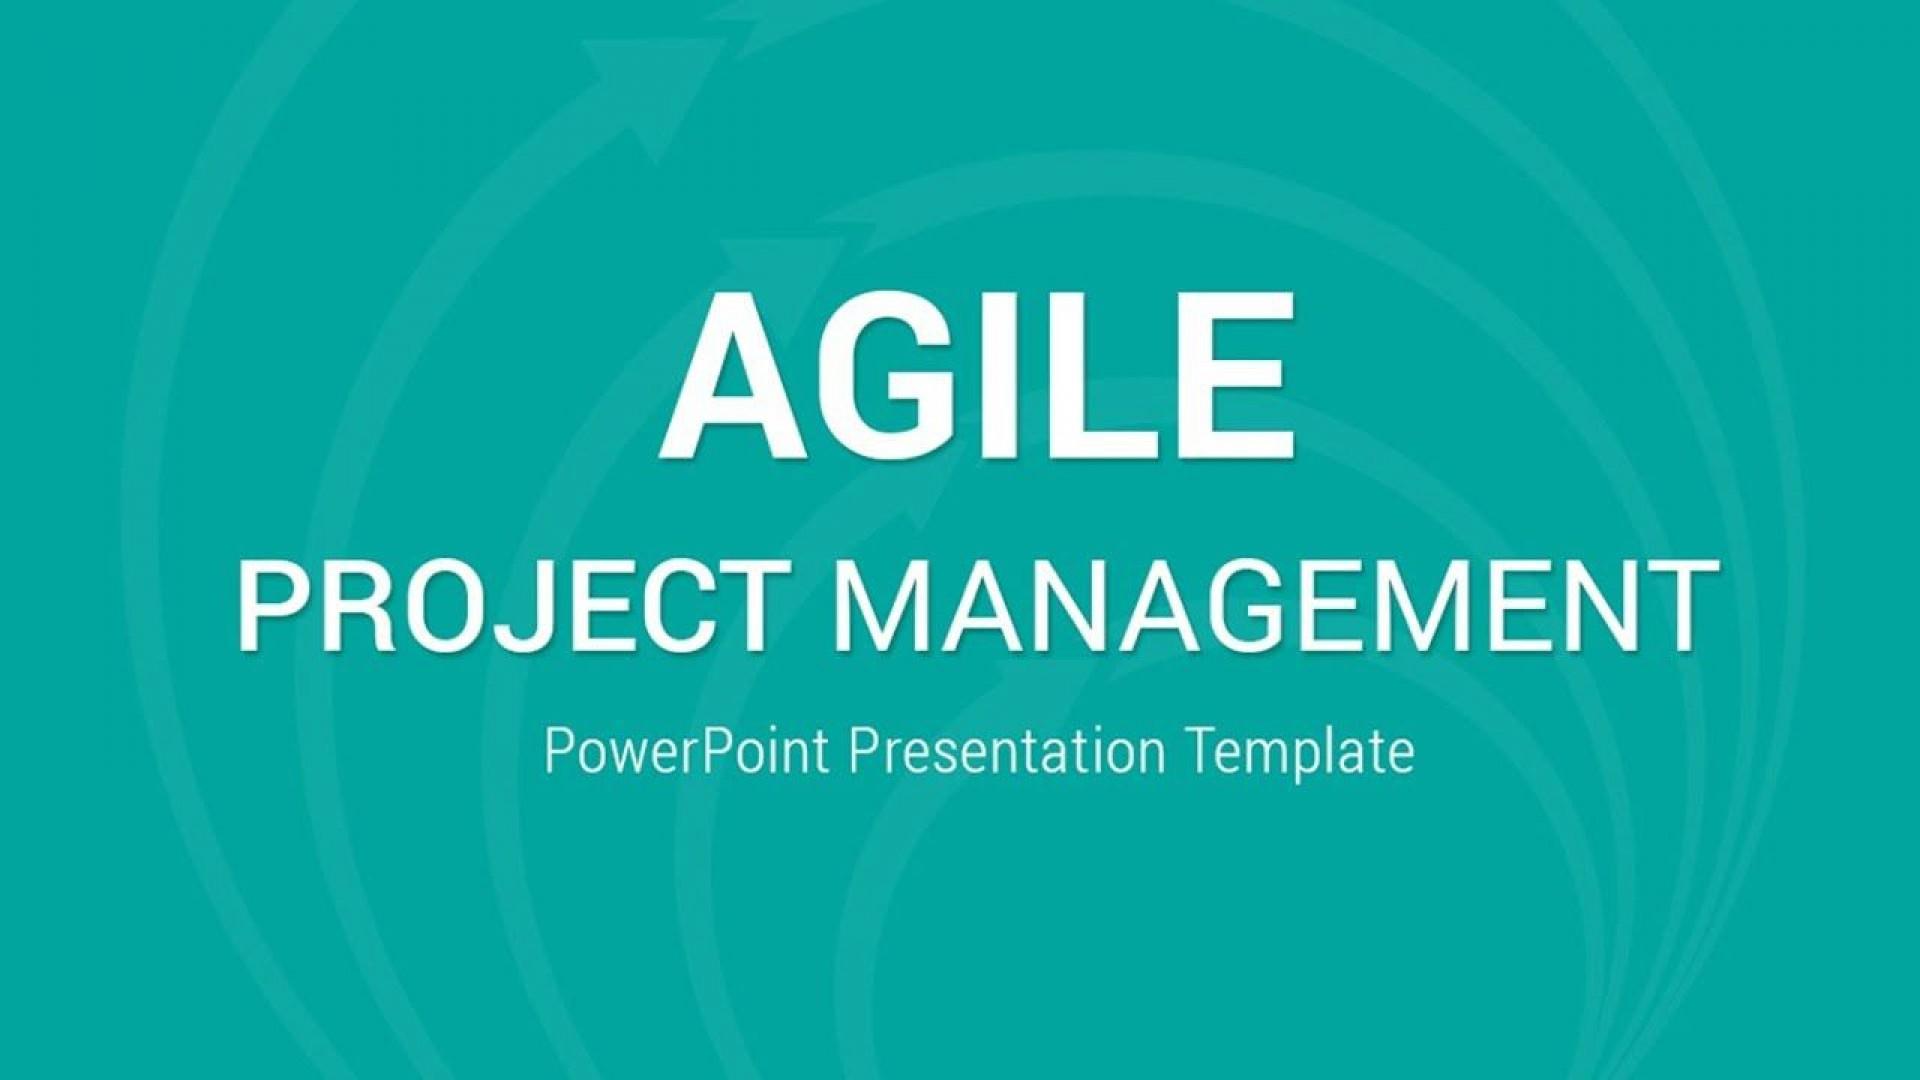 000 Excellent Agile Project Management Template Free Idea  Excel1920